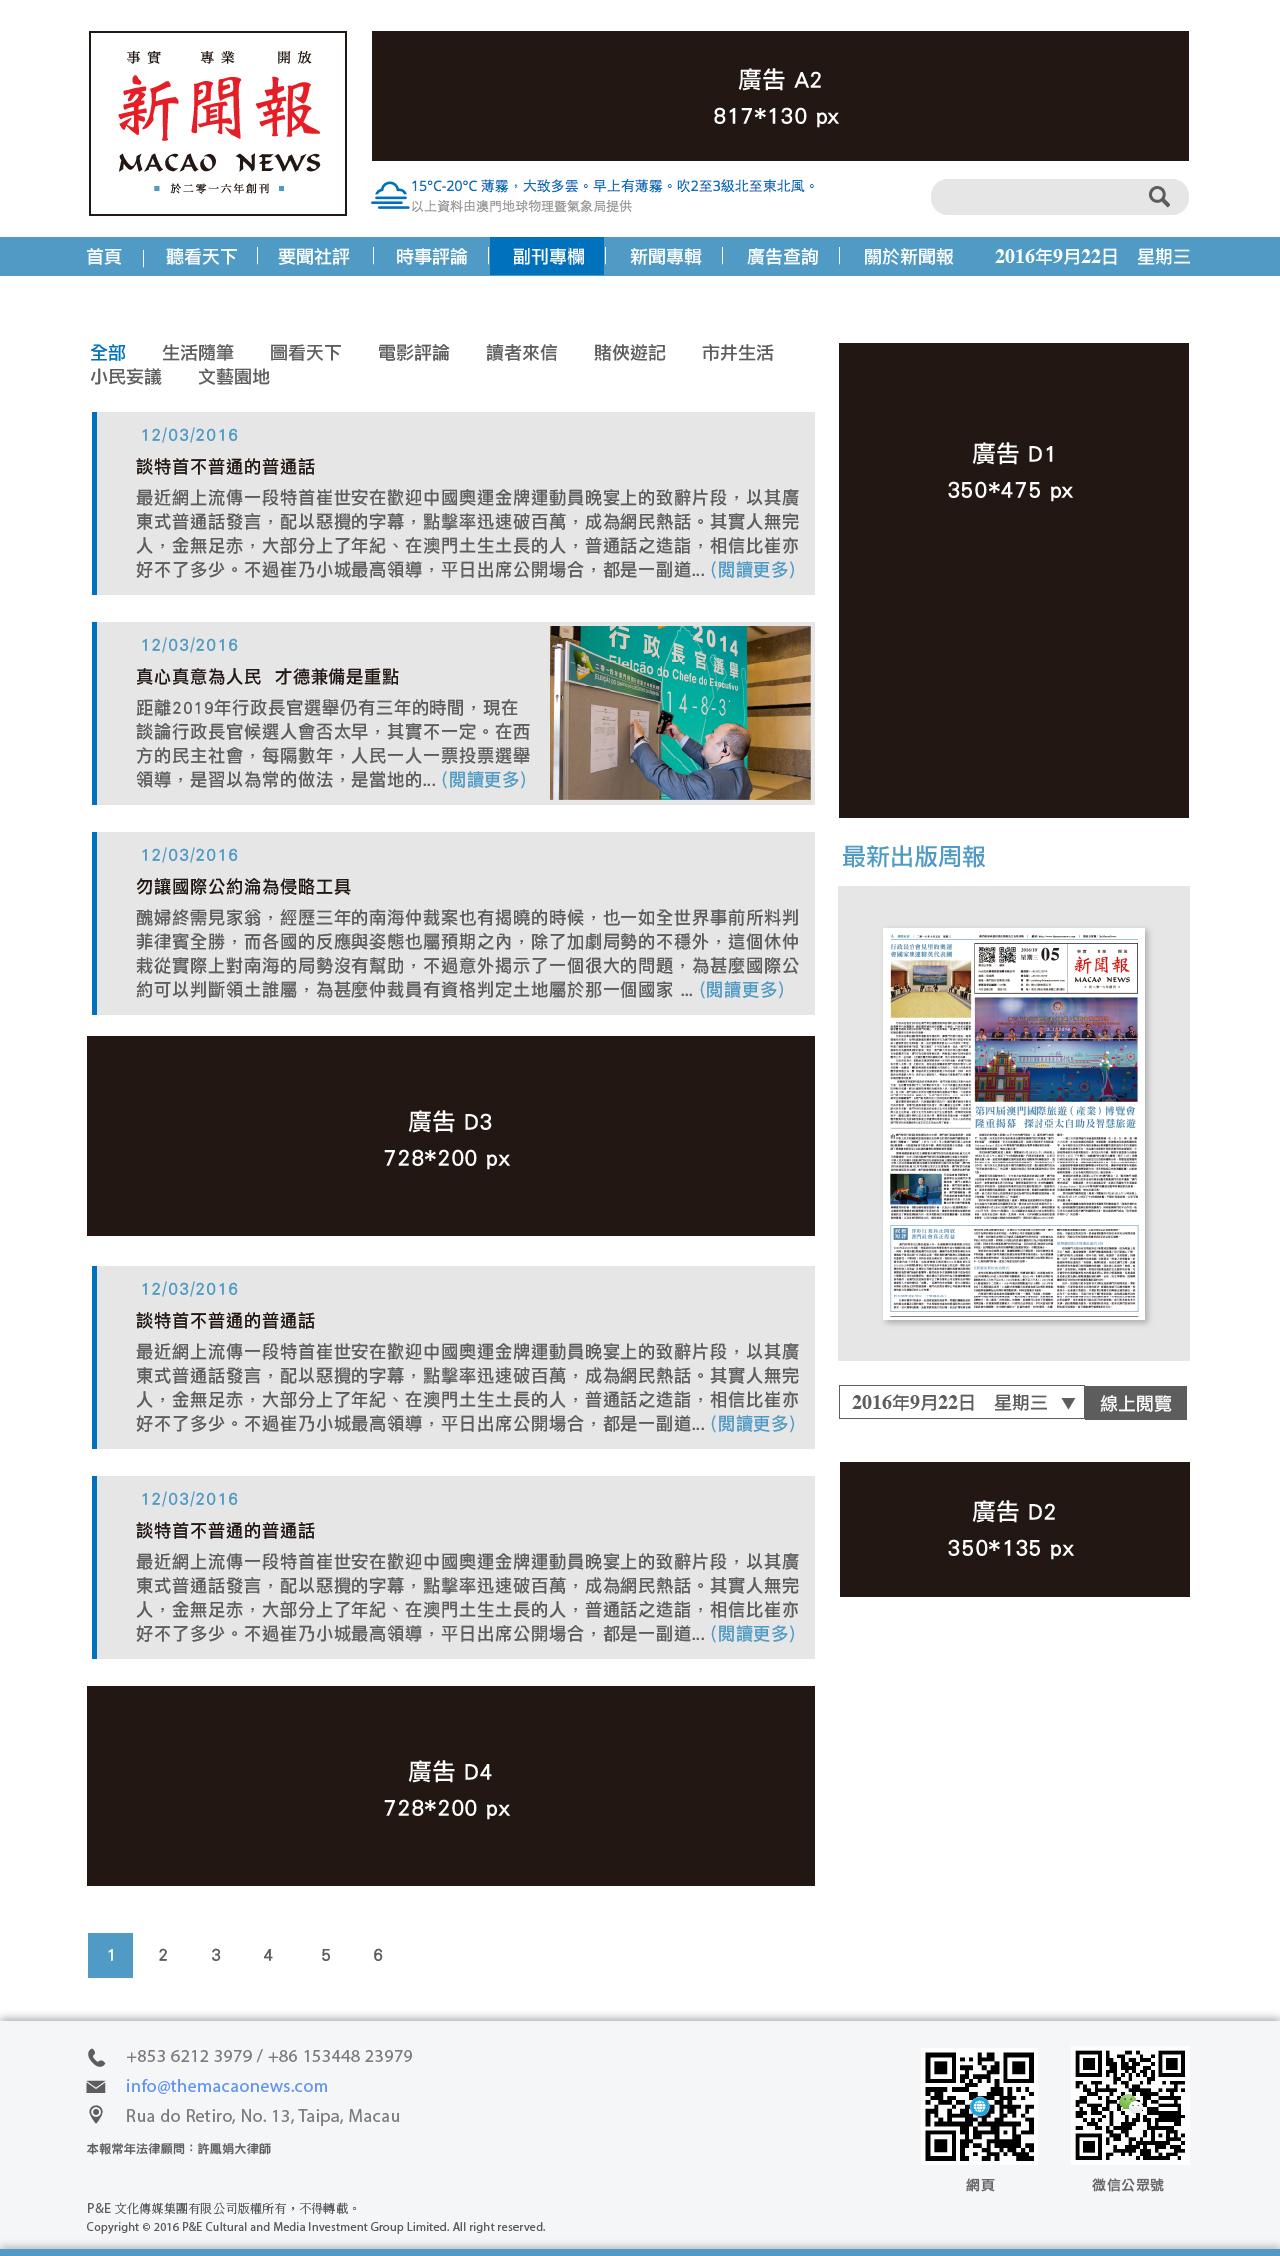 macao-news-website-ad-06